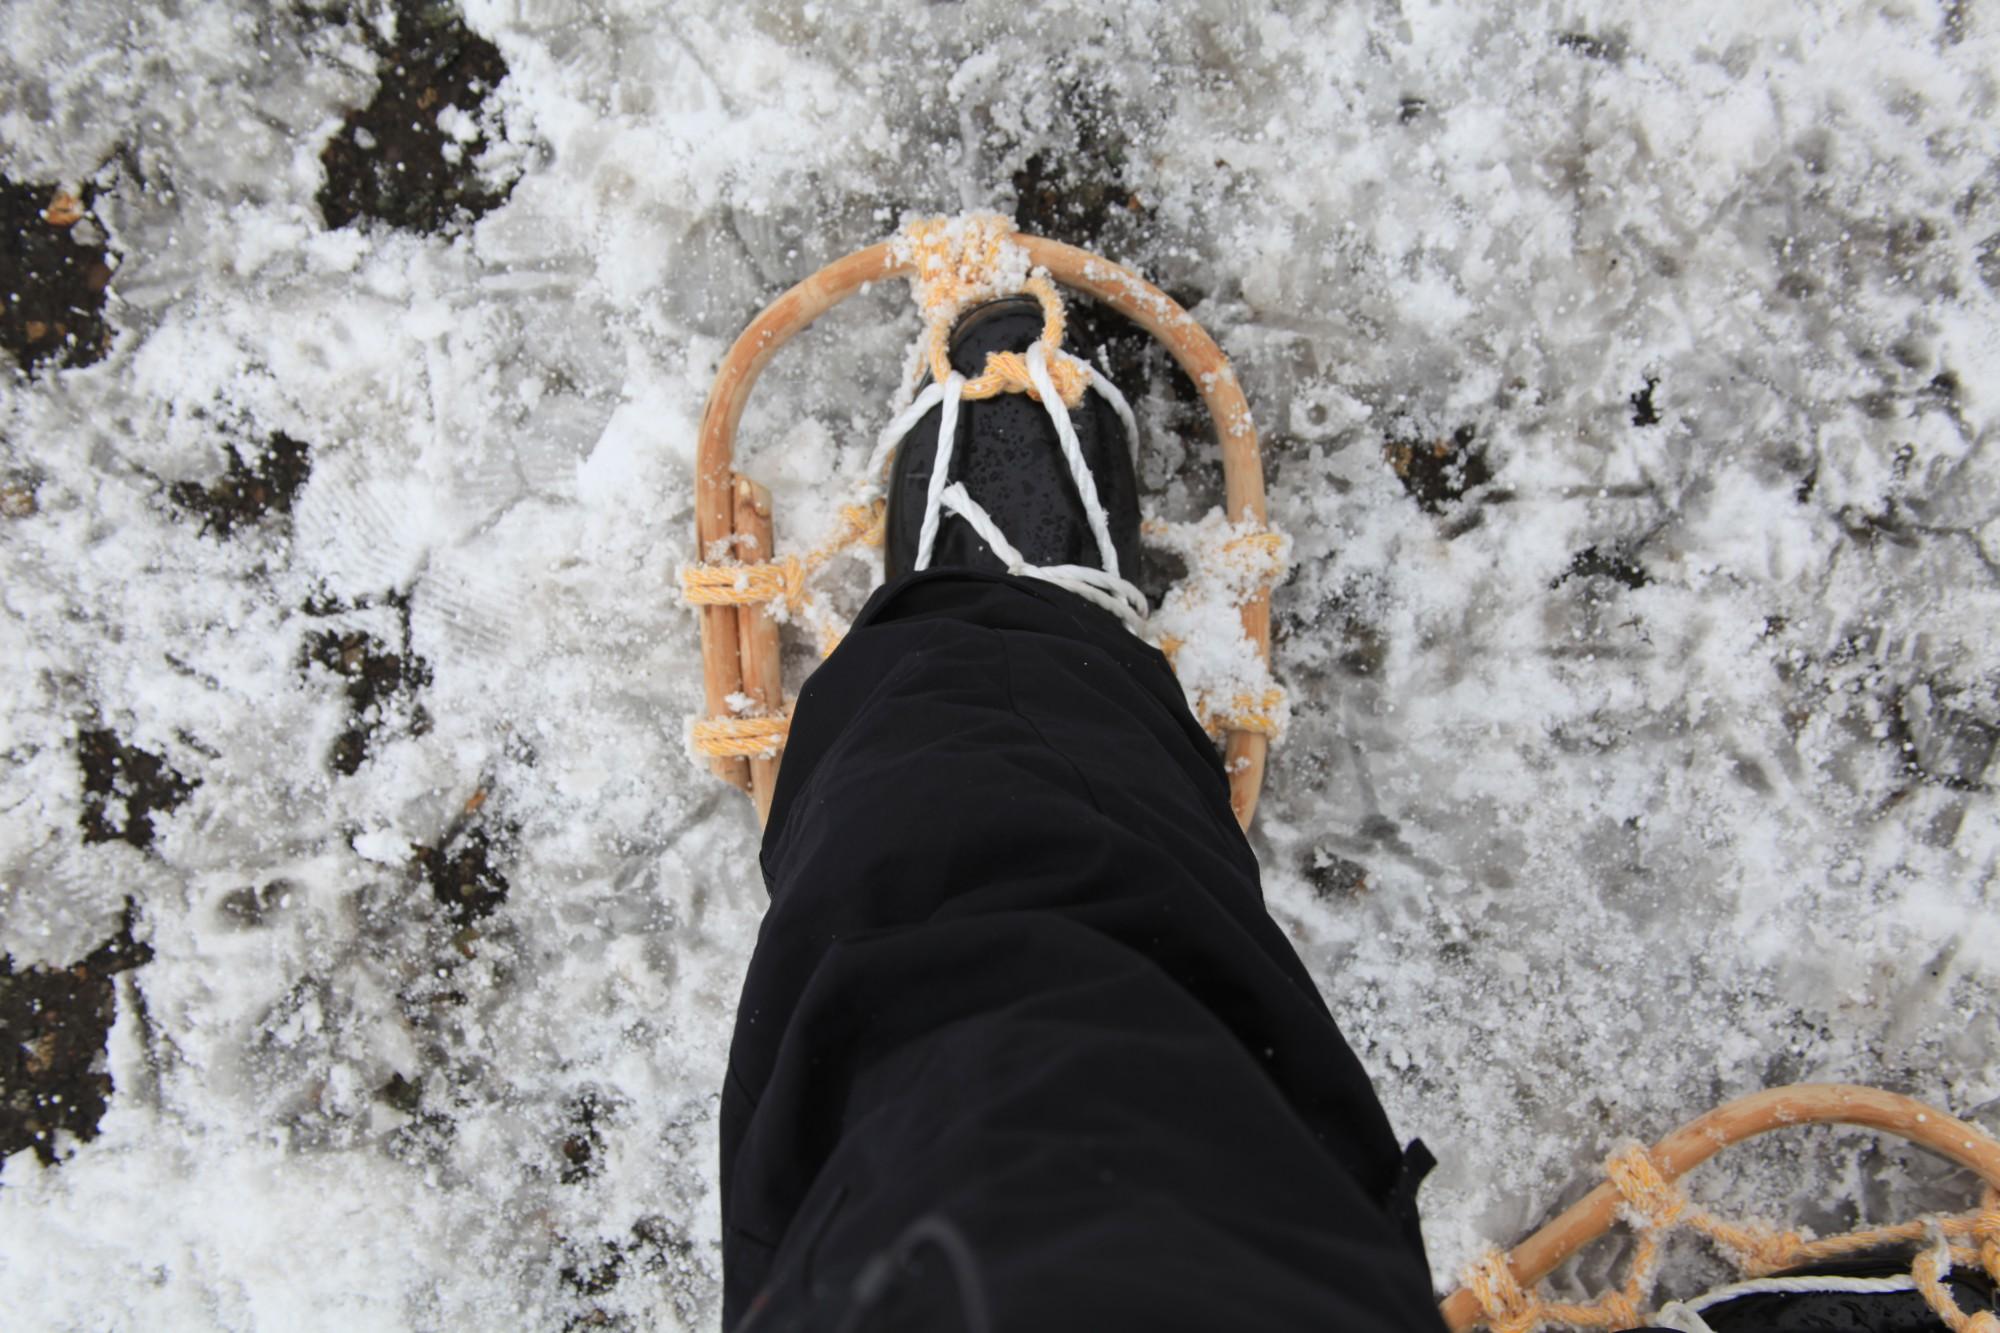 雪山の必須装備、かんじきをもちろん装着。